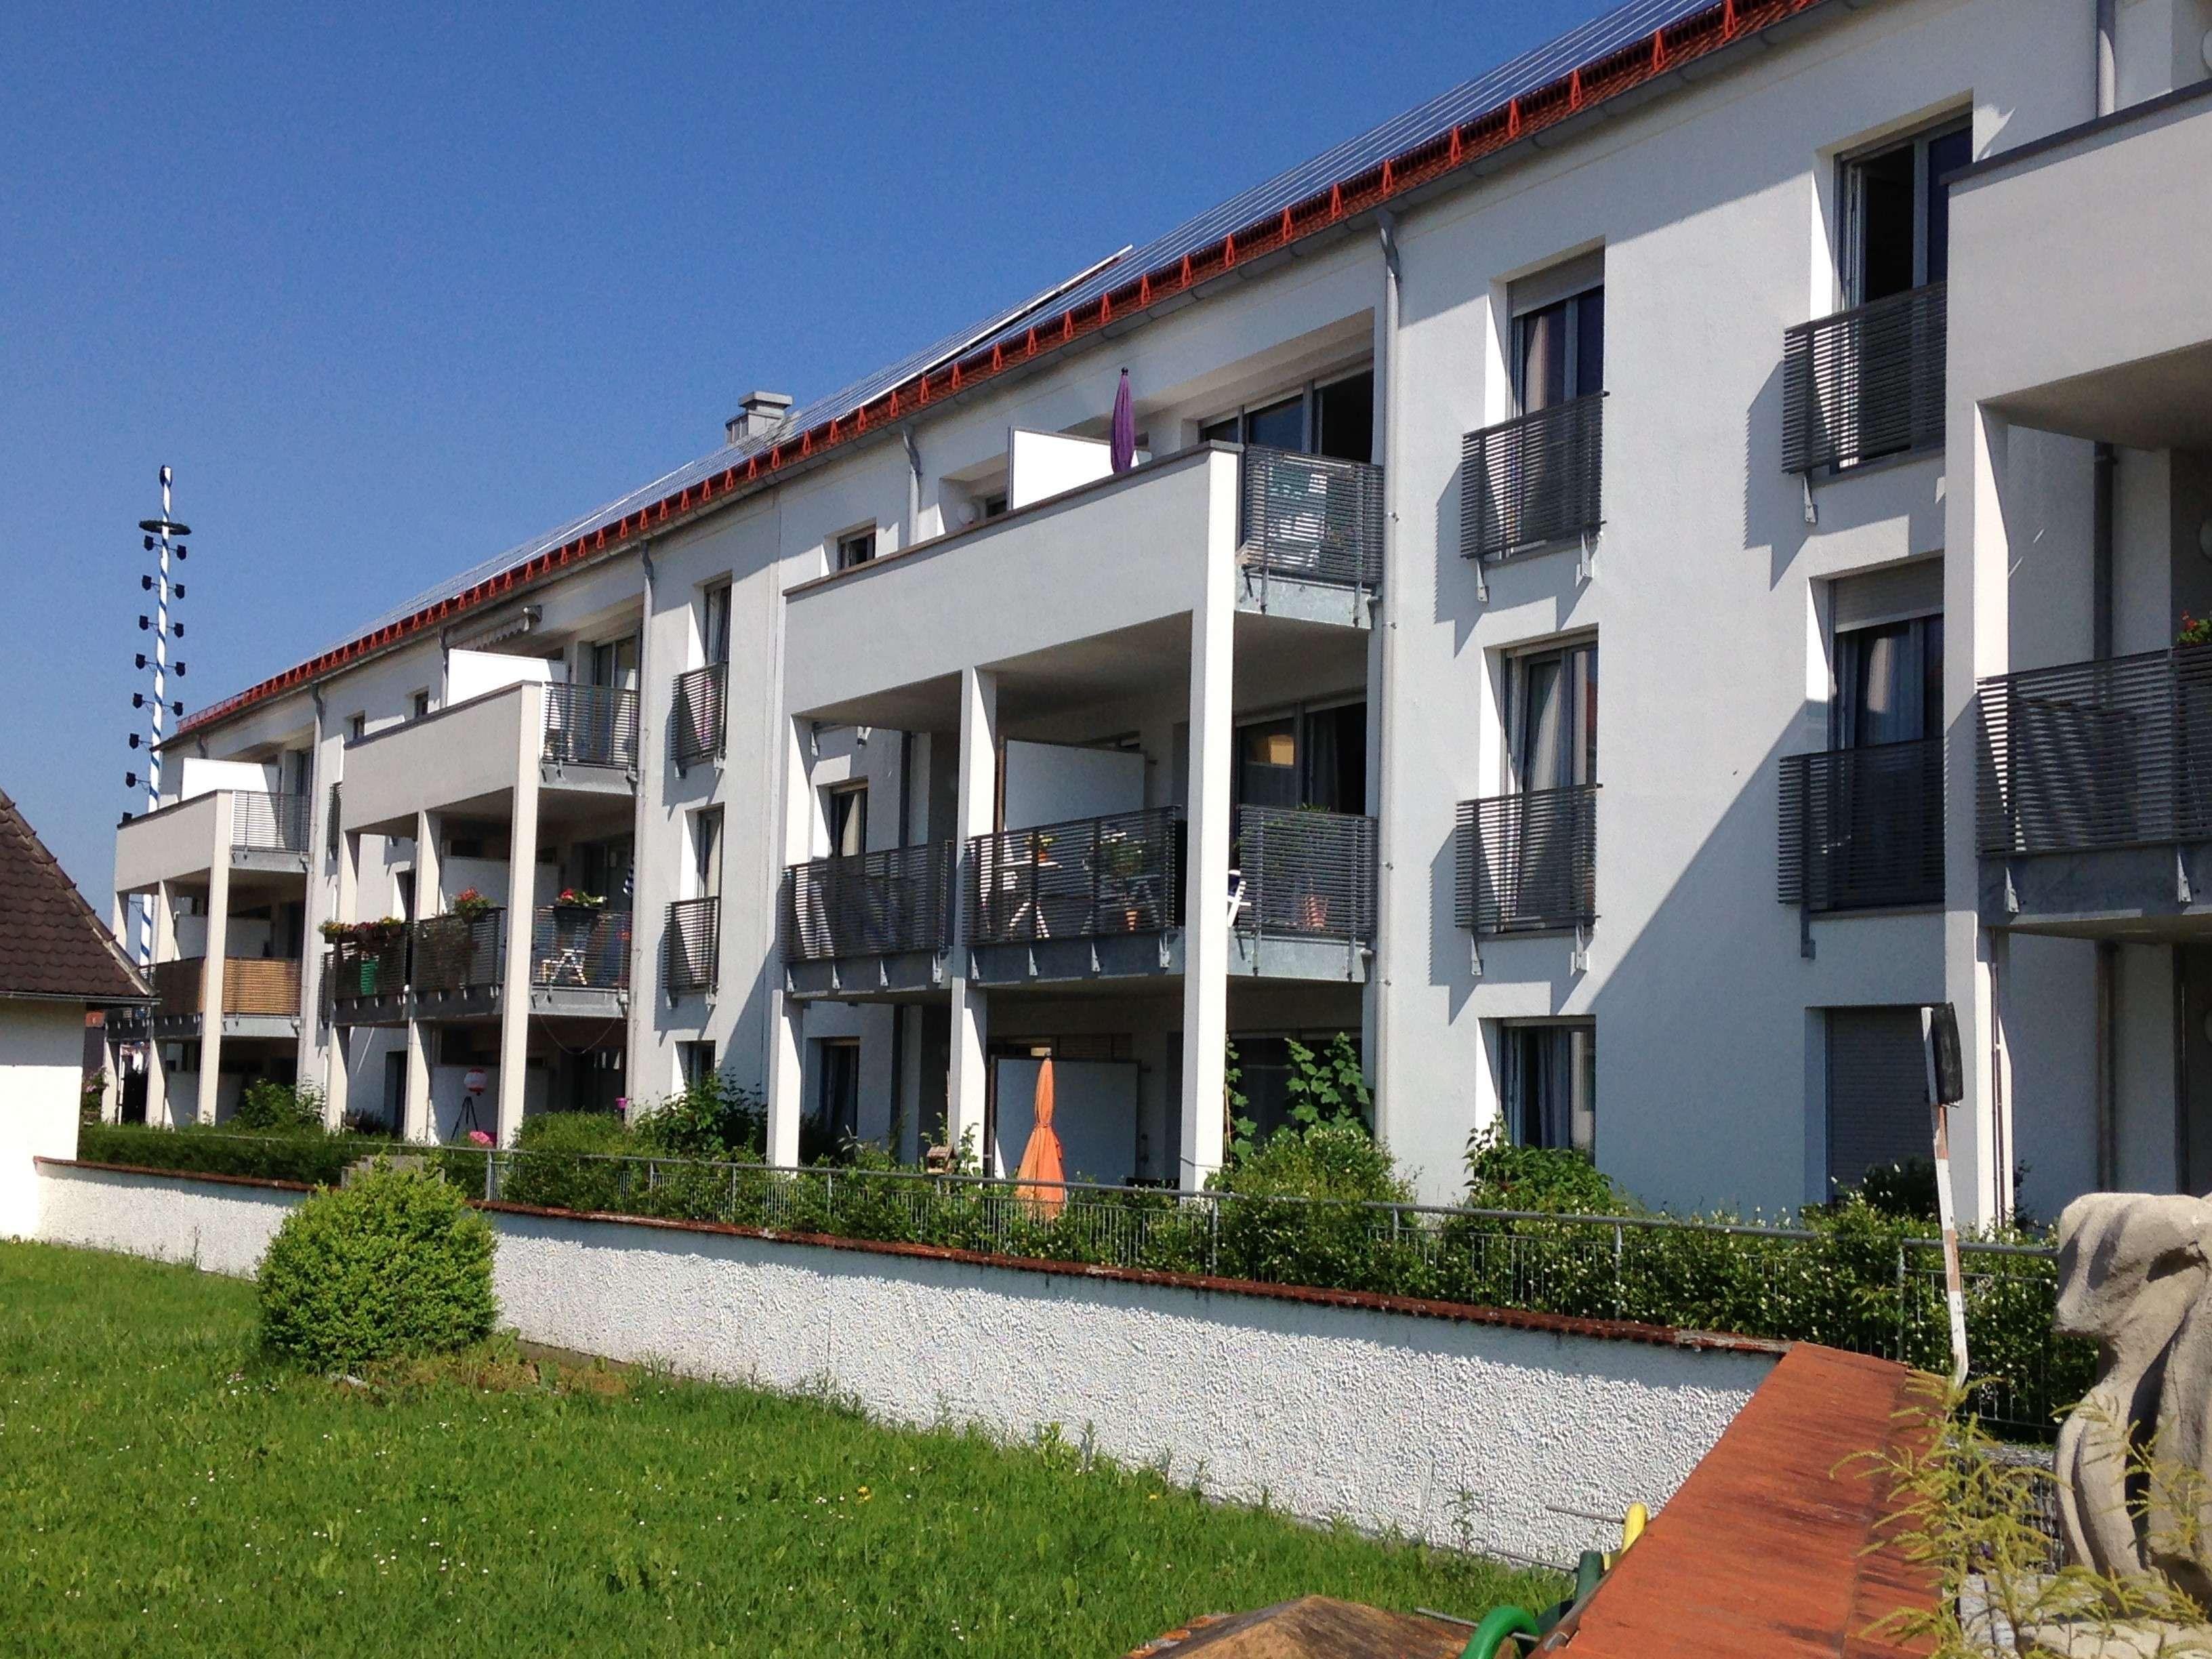 Furth b. Landshut . Betreutes Wohnen für Senioren . 3-Zimmer-Wohnung mit Terrasse . EOF Stufe III in Furth (Landshut)